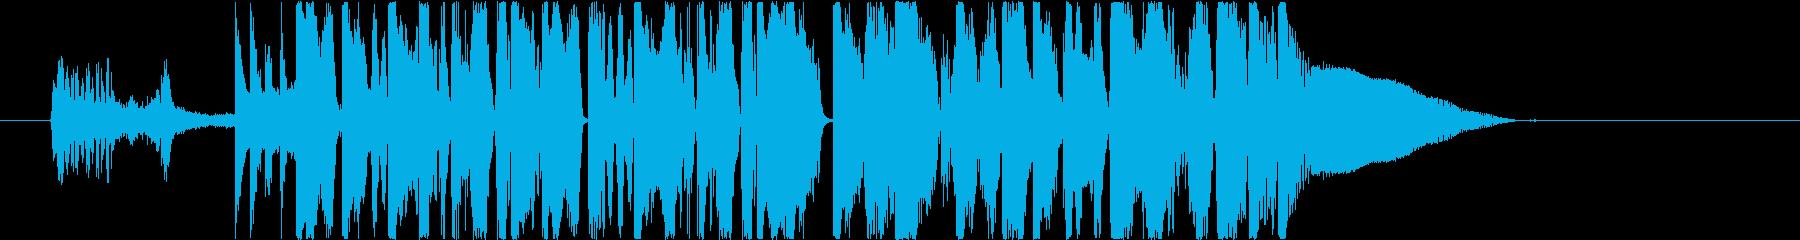 激闘を期待させるダークエレクトロジングルの再生済みの波形